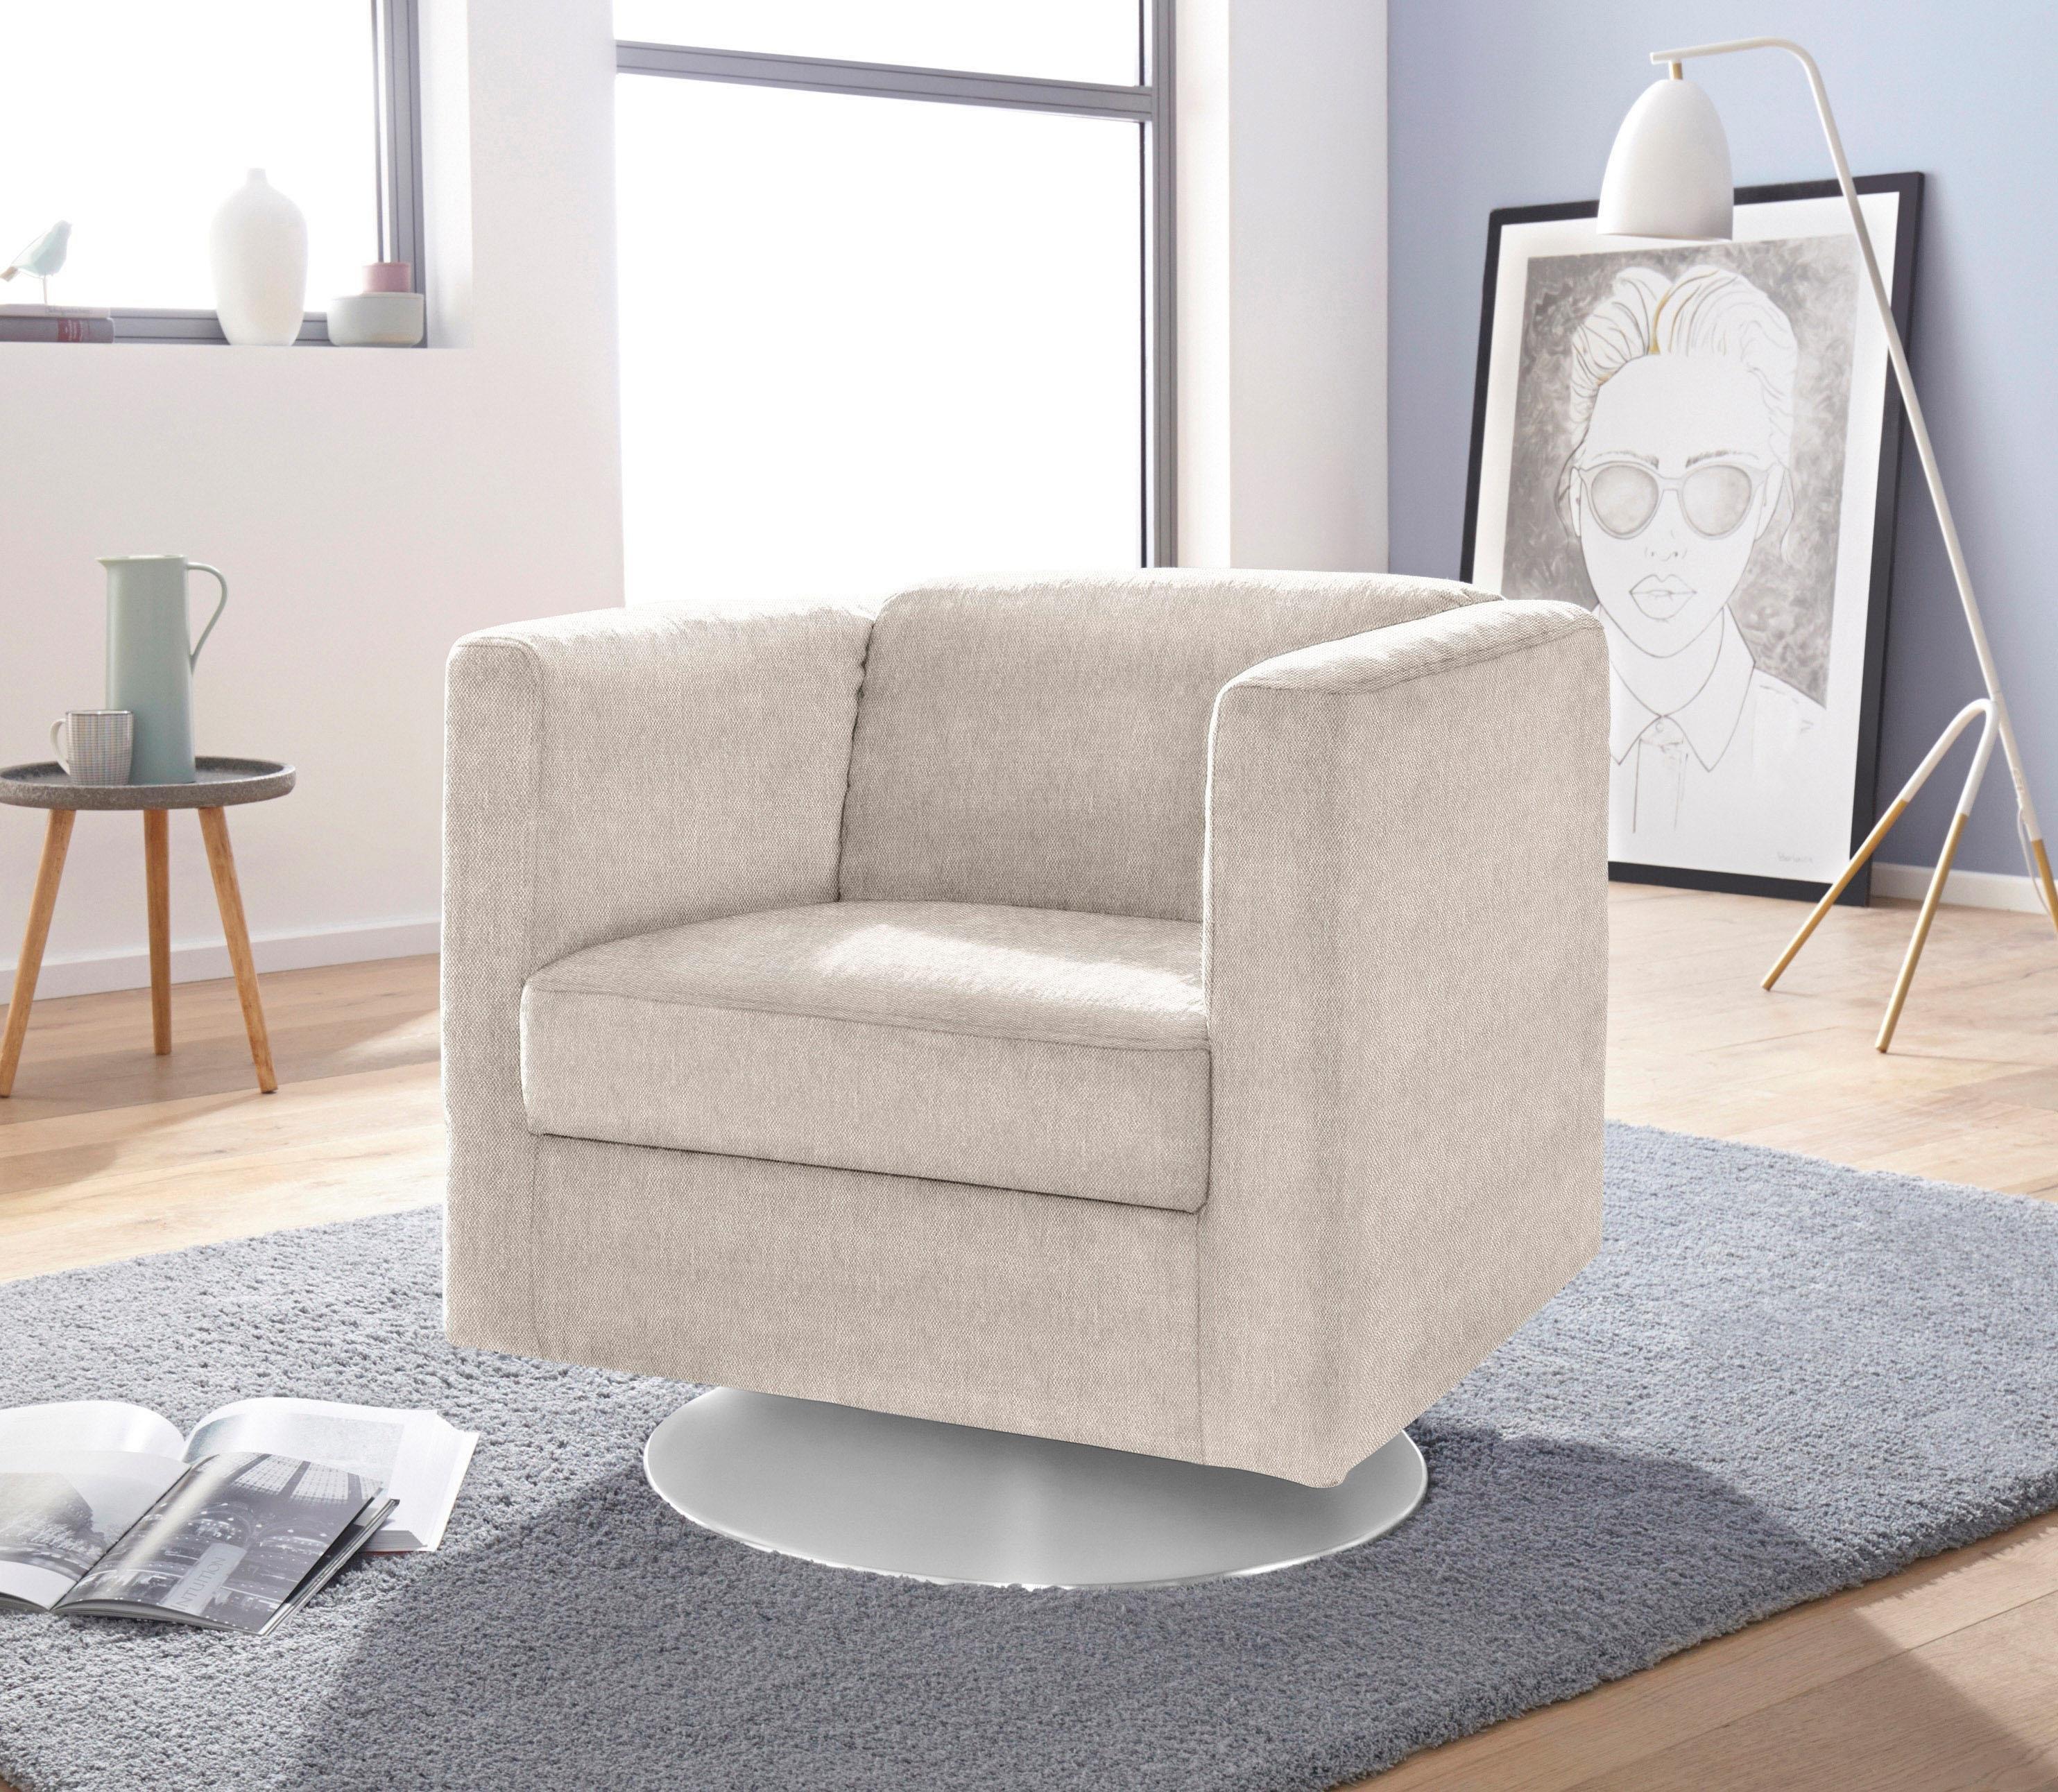 Inosign fauteuil »Bob« draaibaar met plateauvoet bestellen: 14 dagen bedenktijd